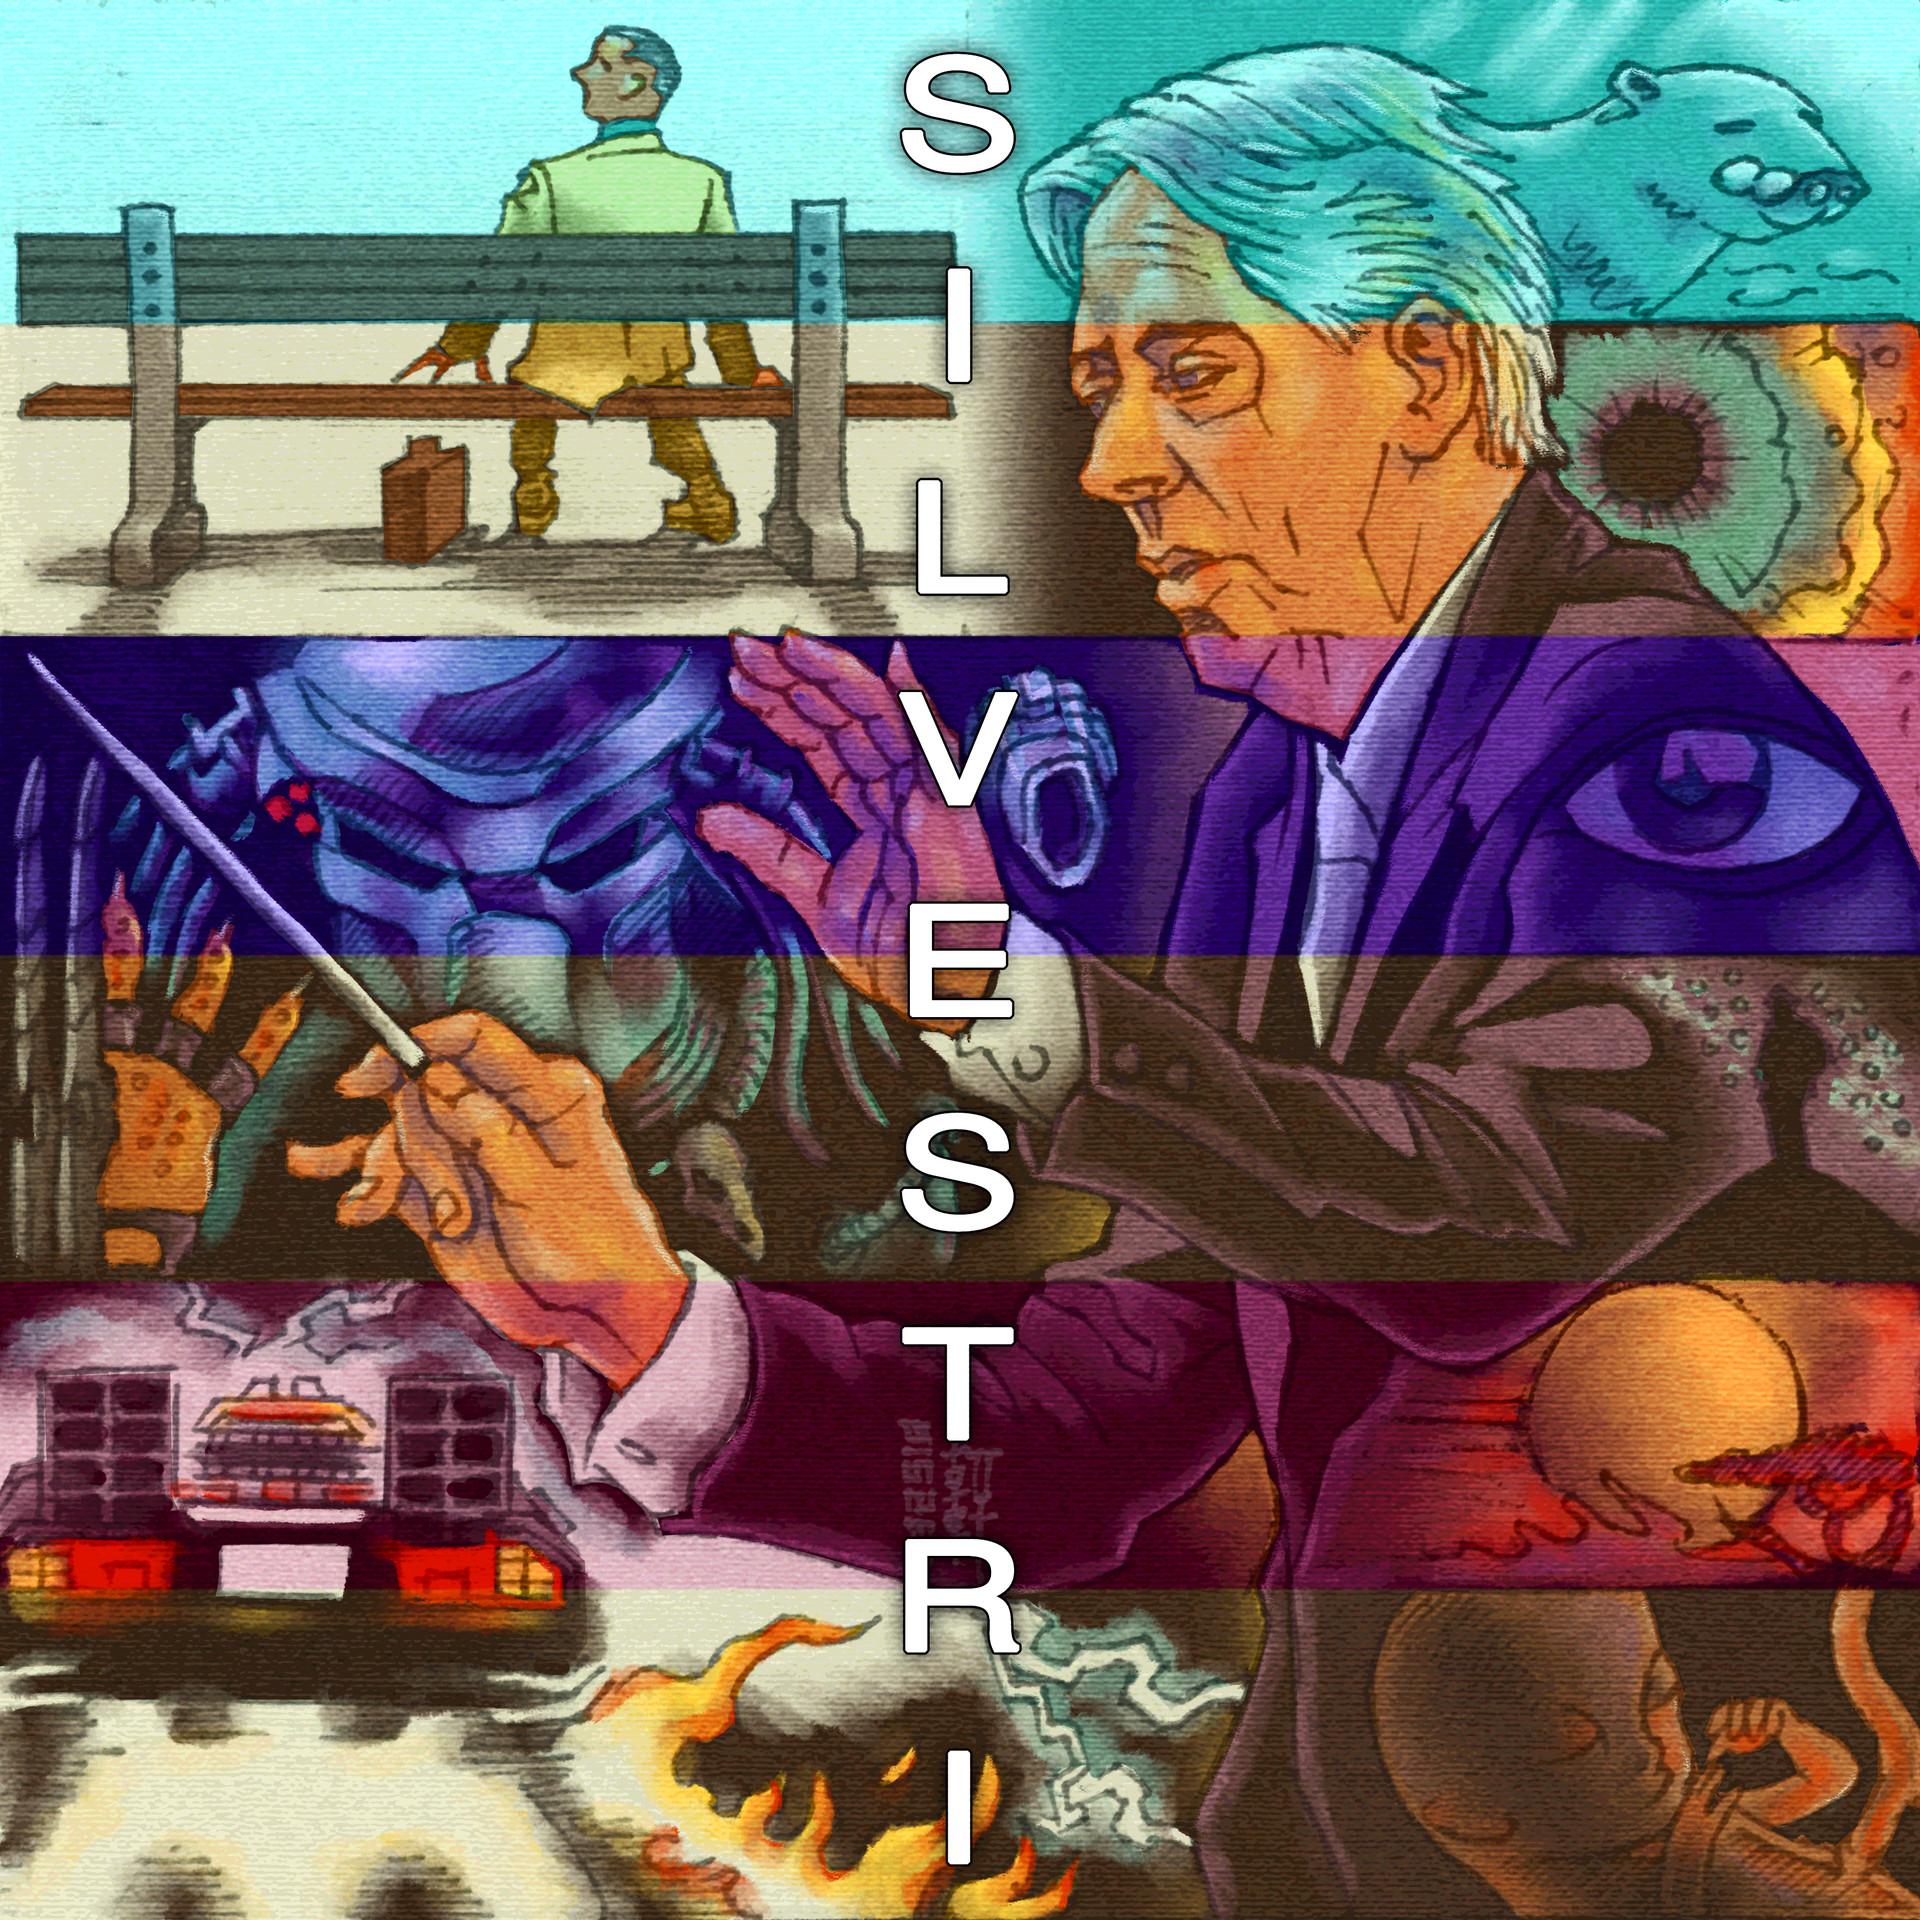 Day 03-26-18 - Alan Silvestri